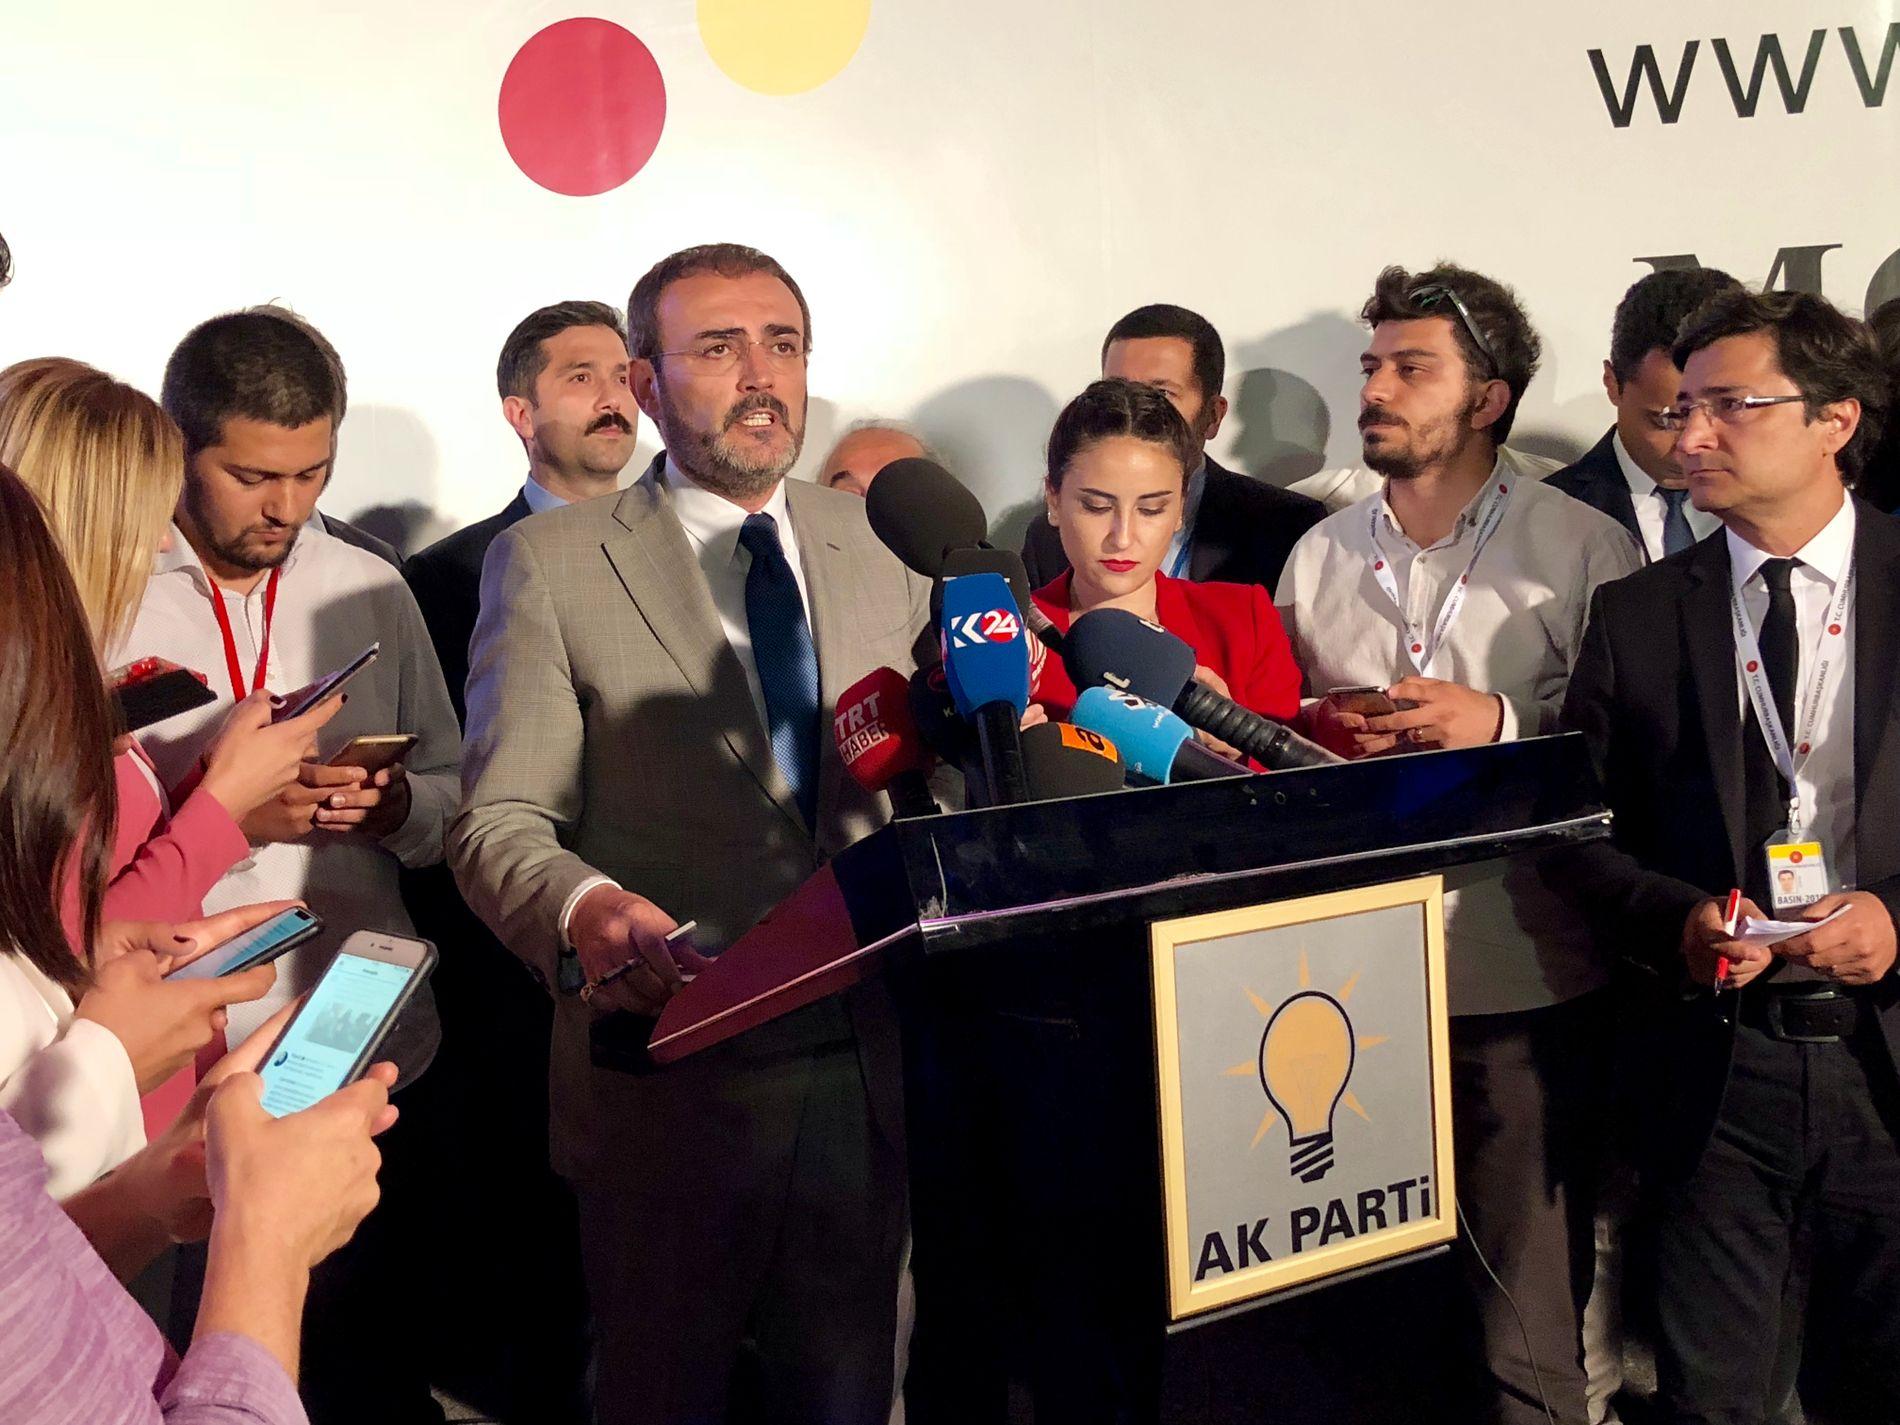 AVVISER VALGFUSK: Mahir Ünal, talsperson for AKP, holder pressekonferanse utenfor AKPs hovedkontor i Ankara.